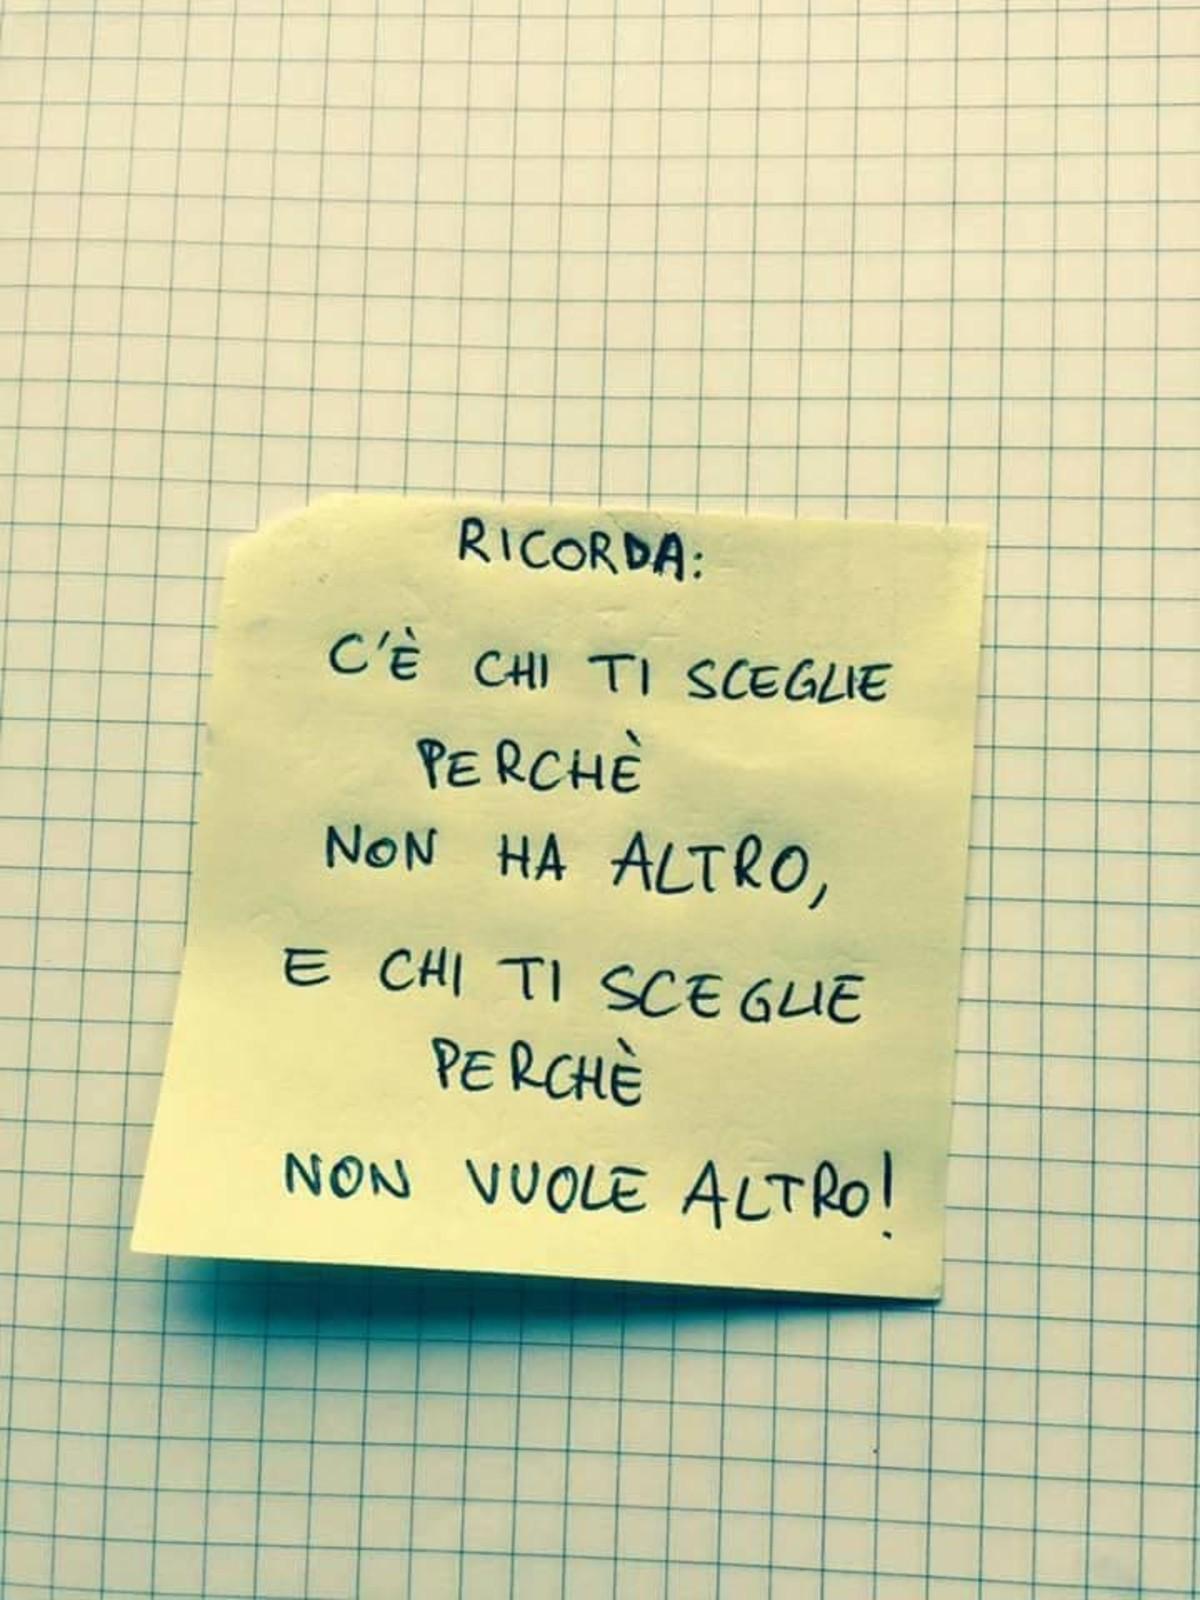 Frasi sull'amore (4) - BuongiornoATe.it